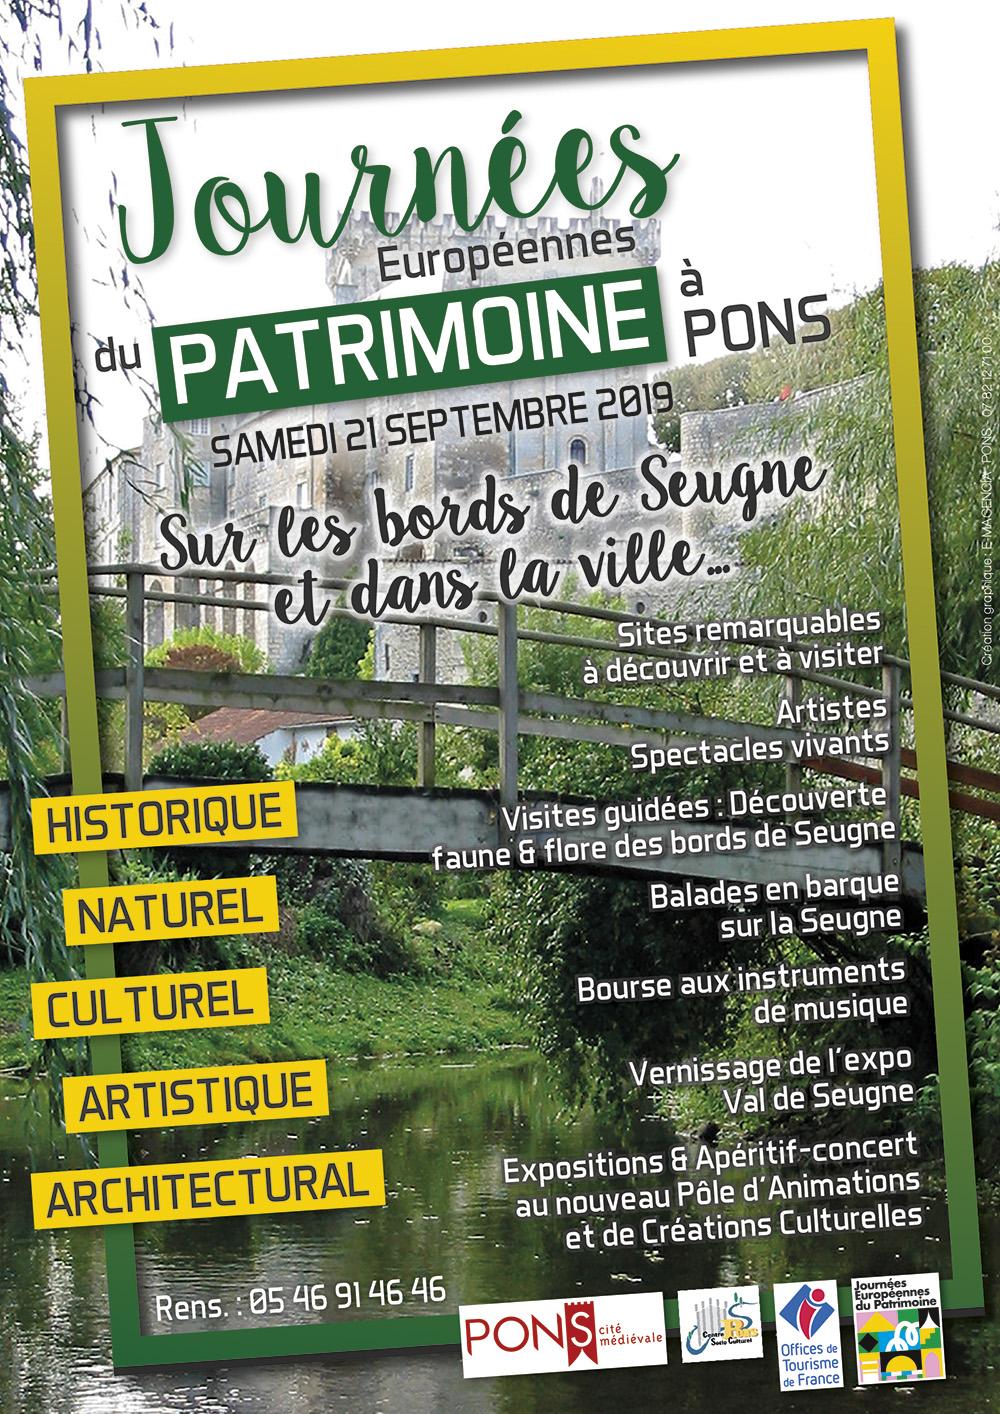 Journées du patrimoine à Pons - 21 septembre 2019